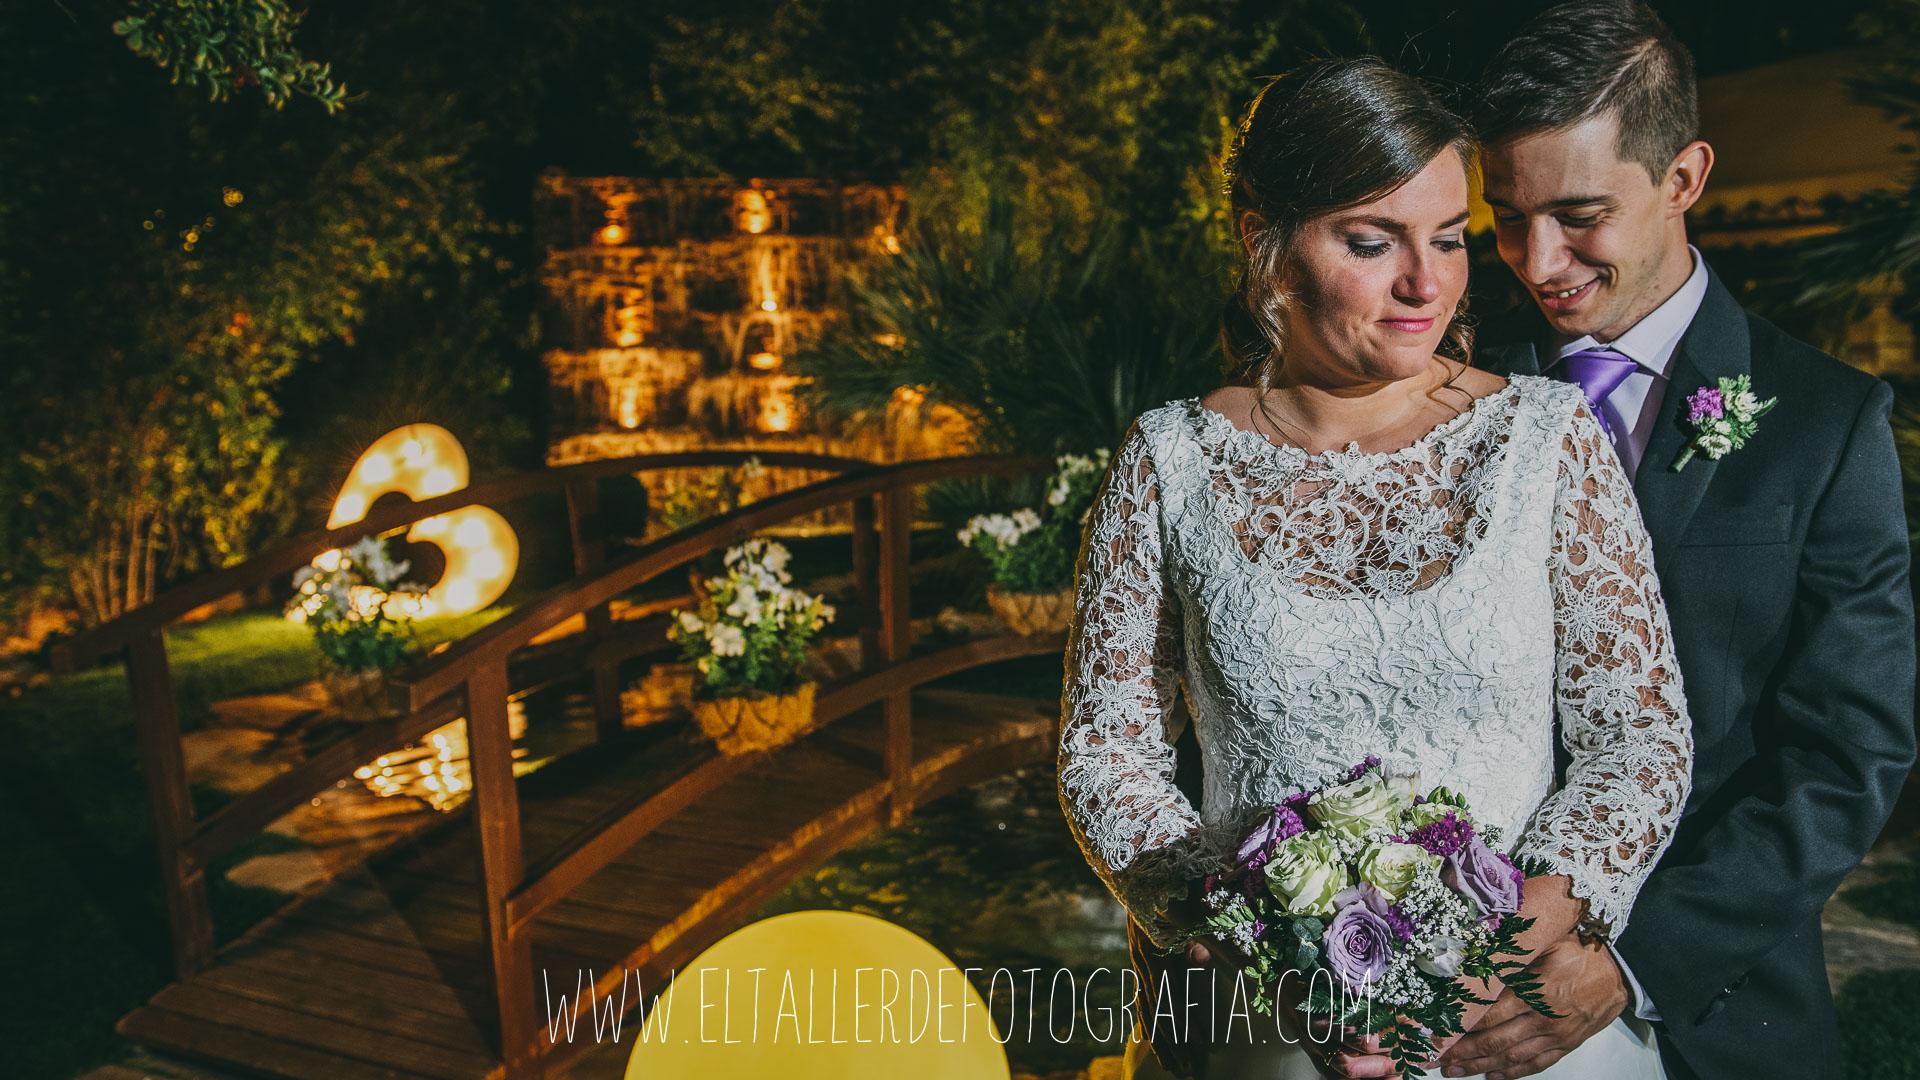 Reportaje de fotos de la boda Elena y Carlos en Fuentearcos